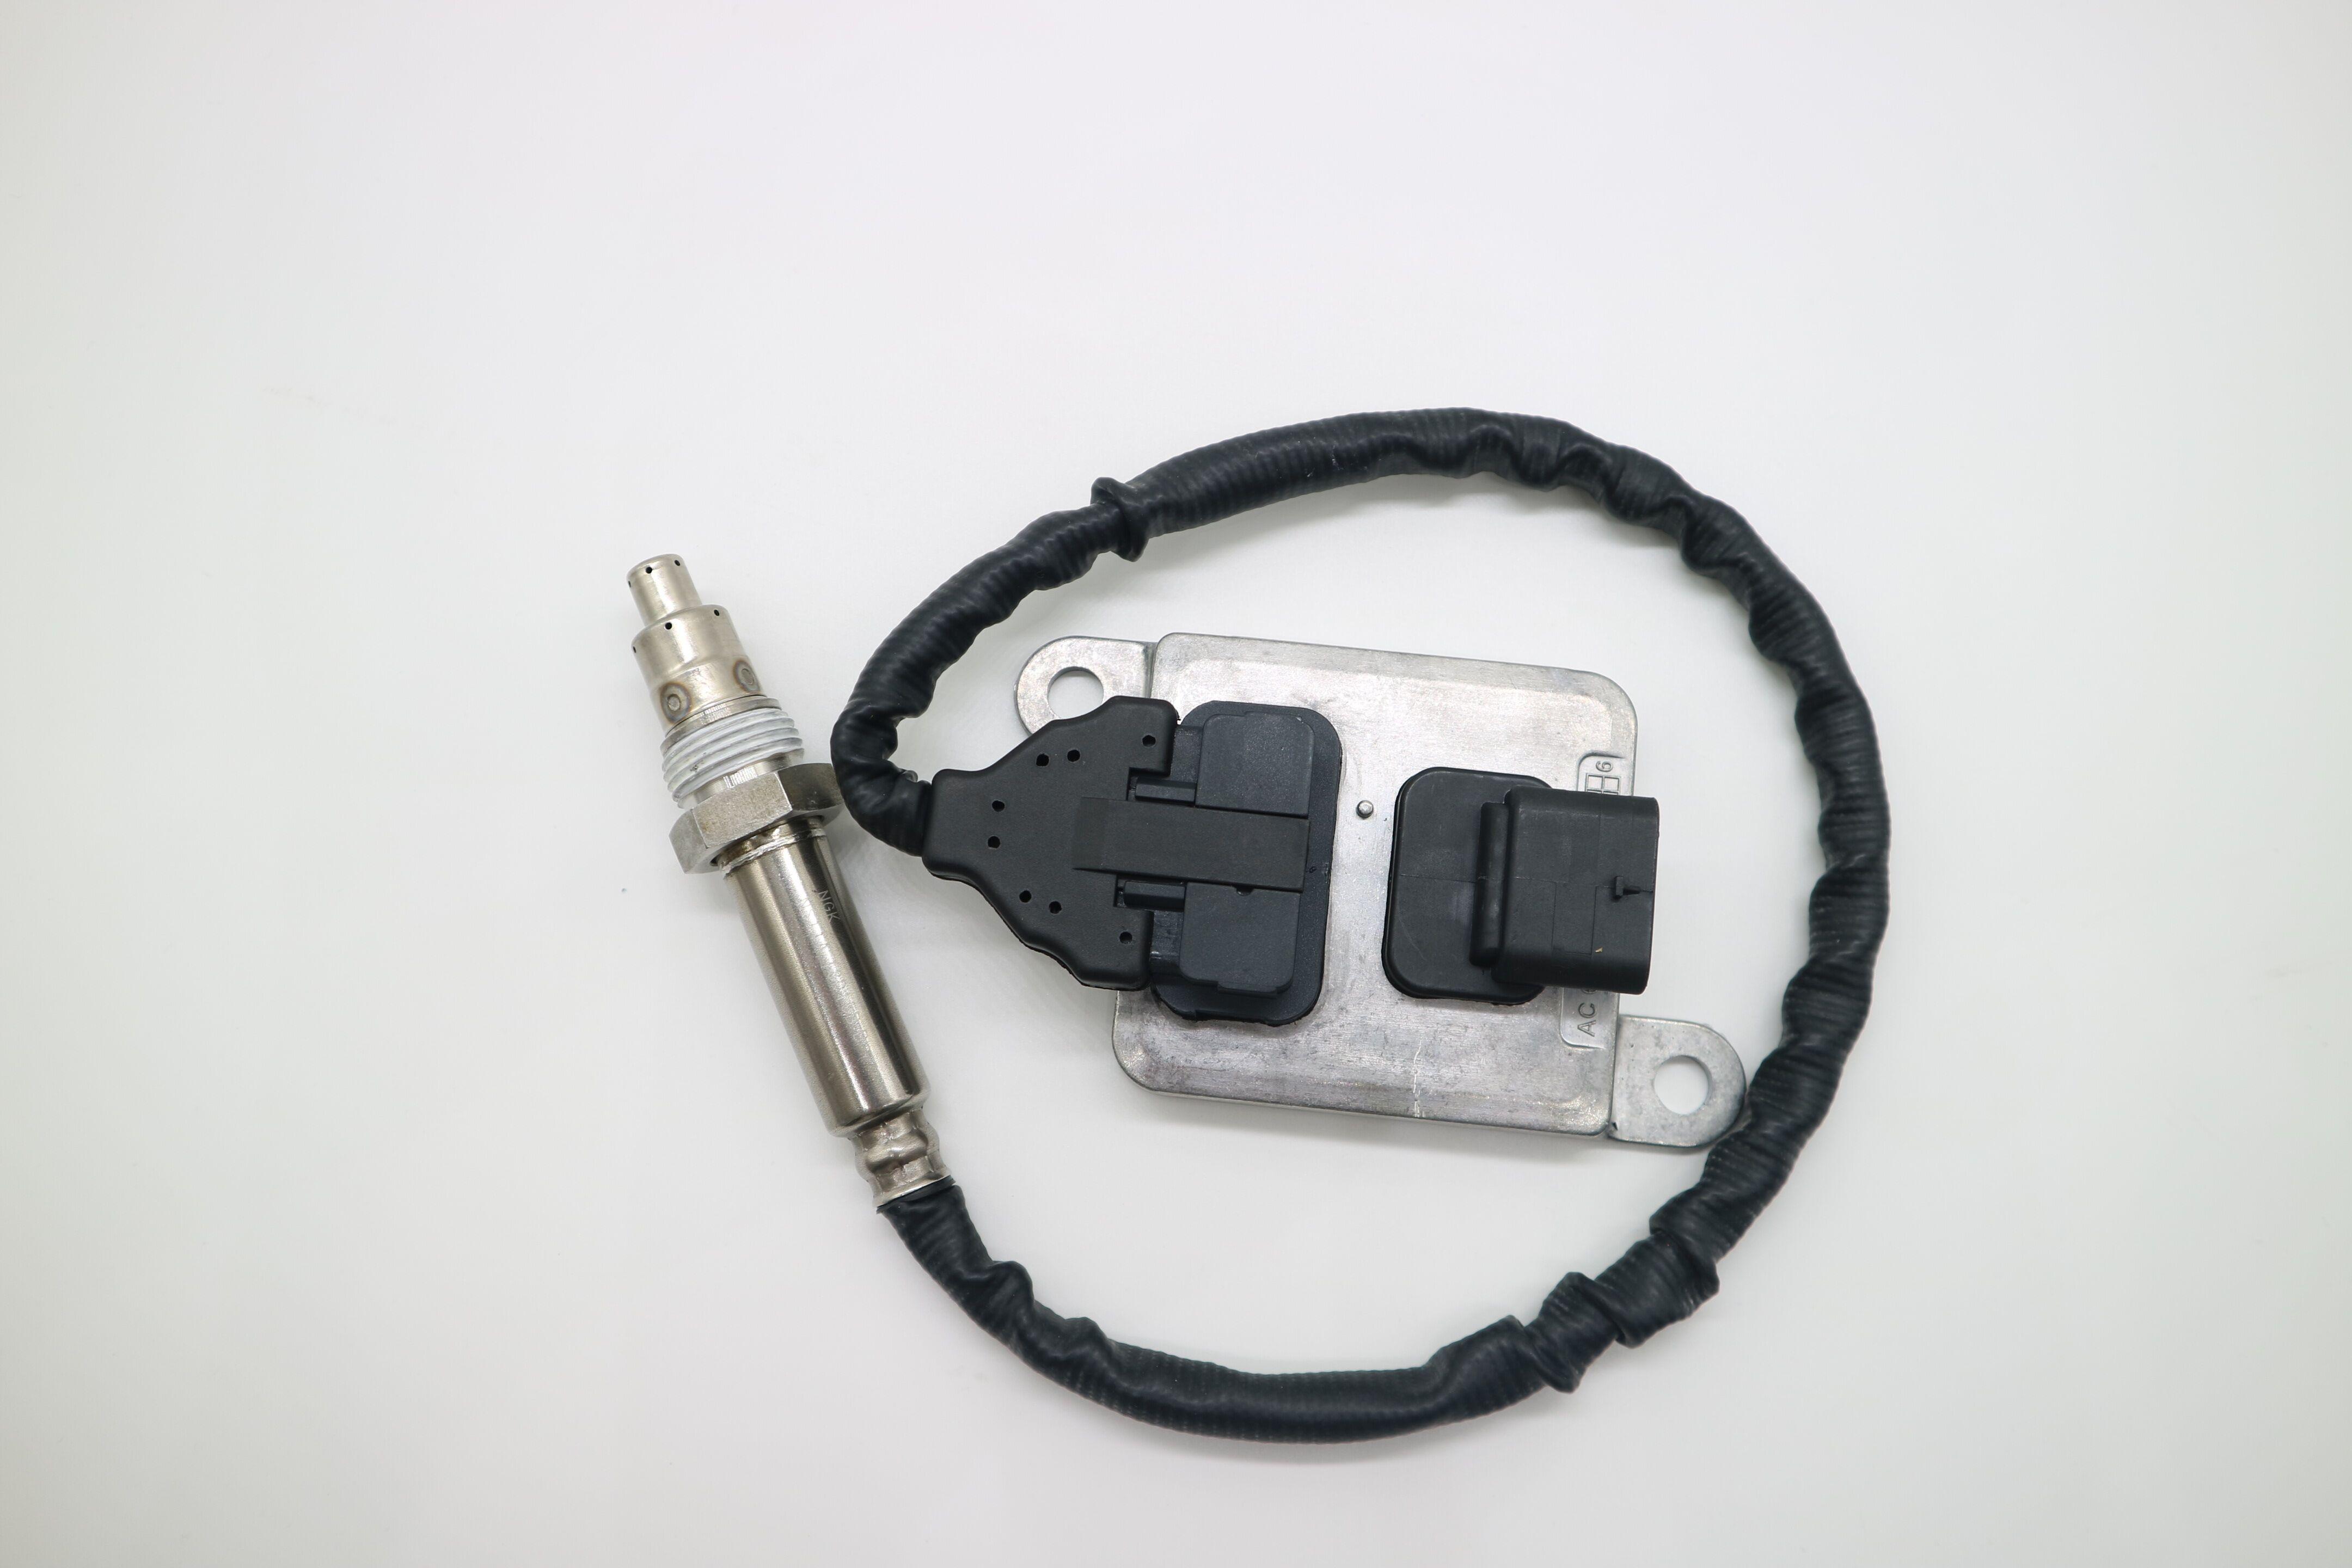 nox sensor 5wk96685a fit for audi q7 vw touareg tdi 3.0l-4.6l 2009-2014 059907807g 5wk9 6685a 5wk96685 059907807f